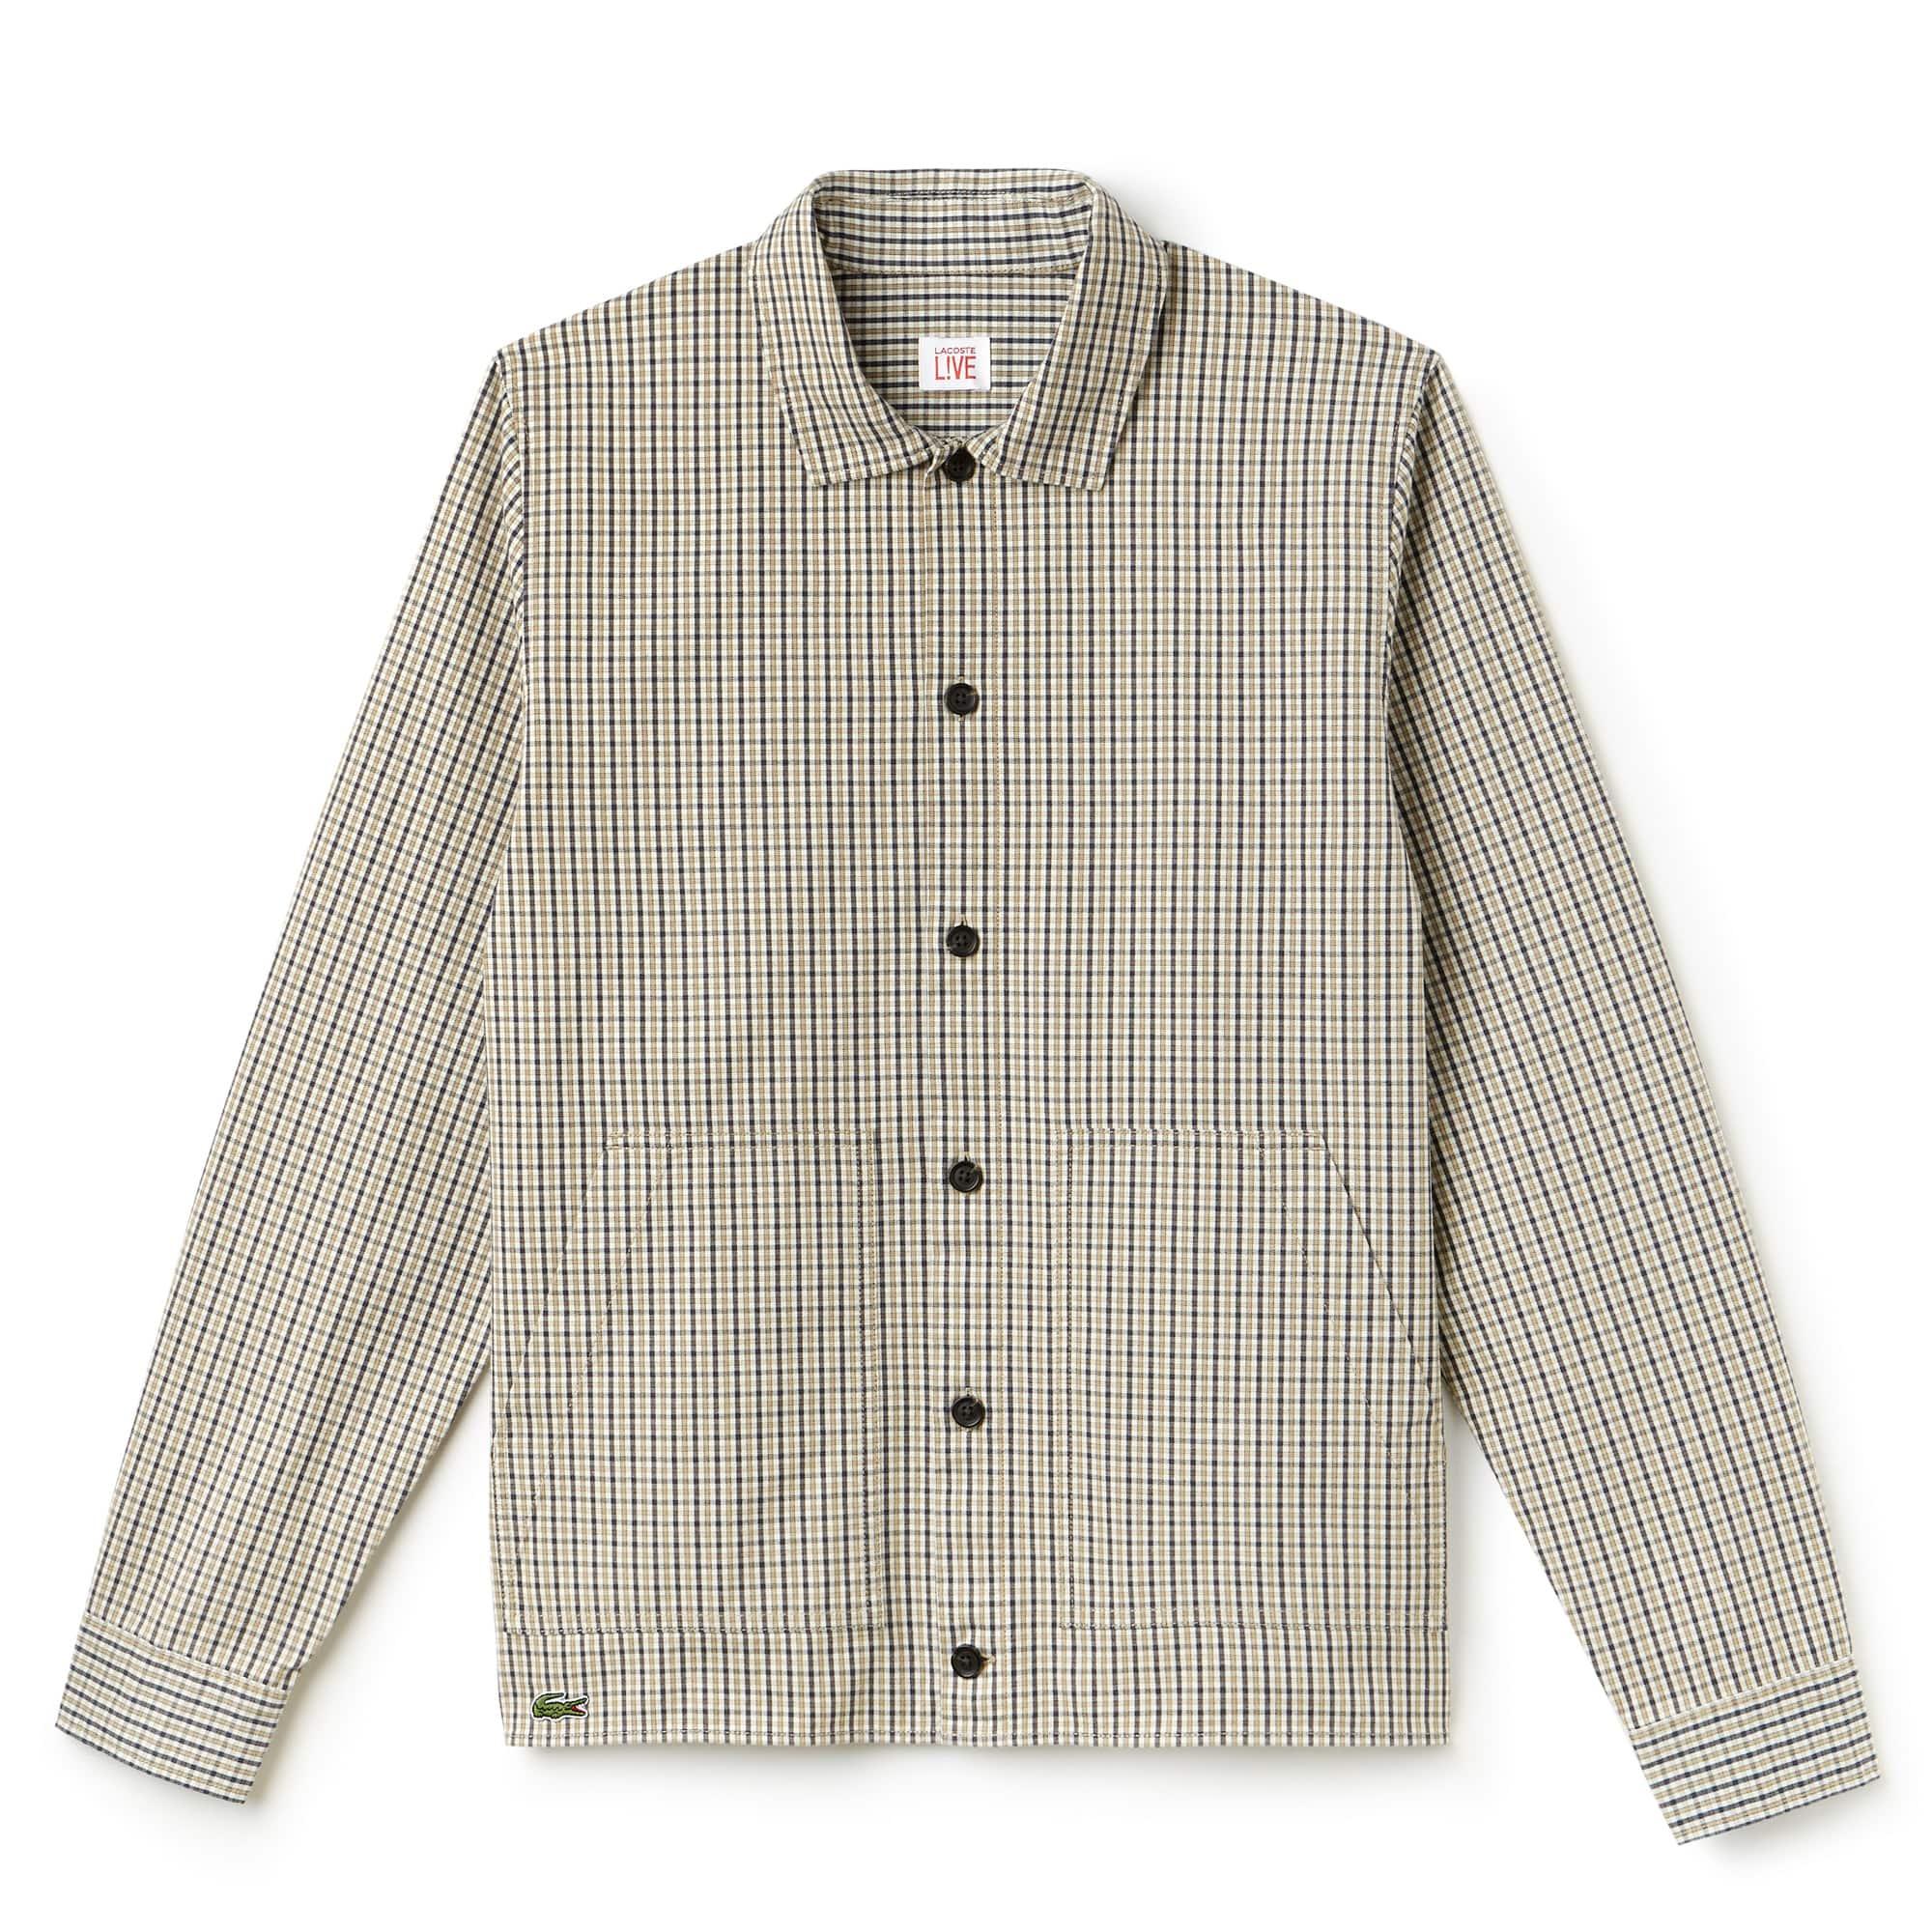 Men's Lacoste LIVE Slim Fit Check Flannel Shirt